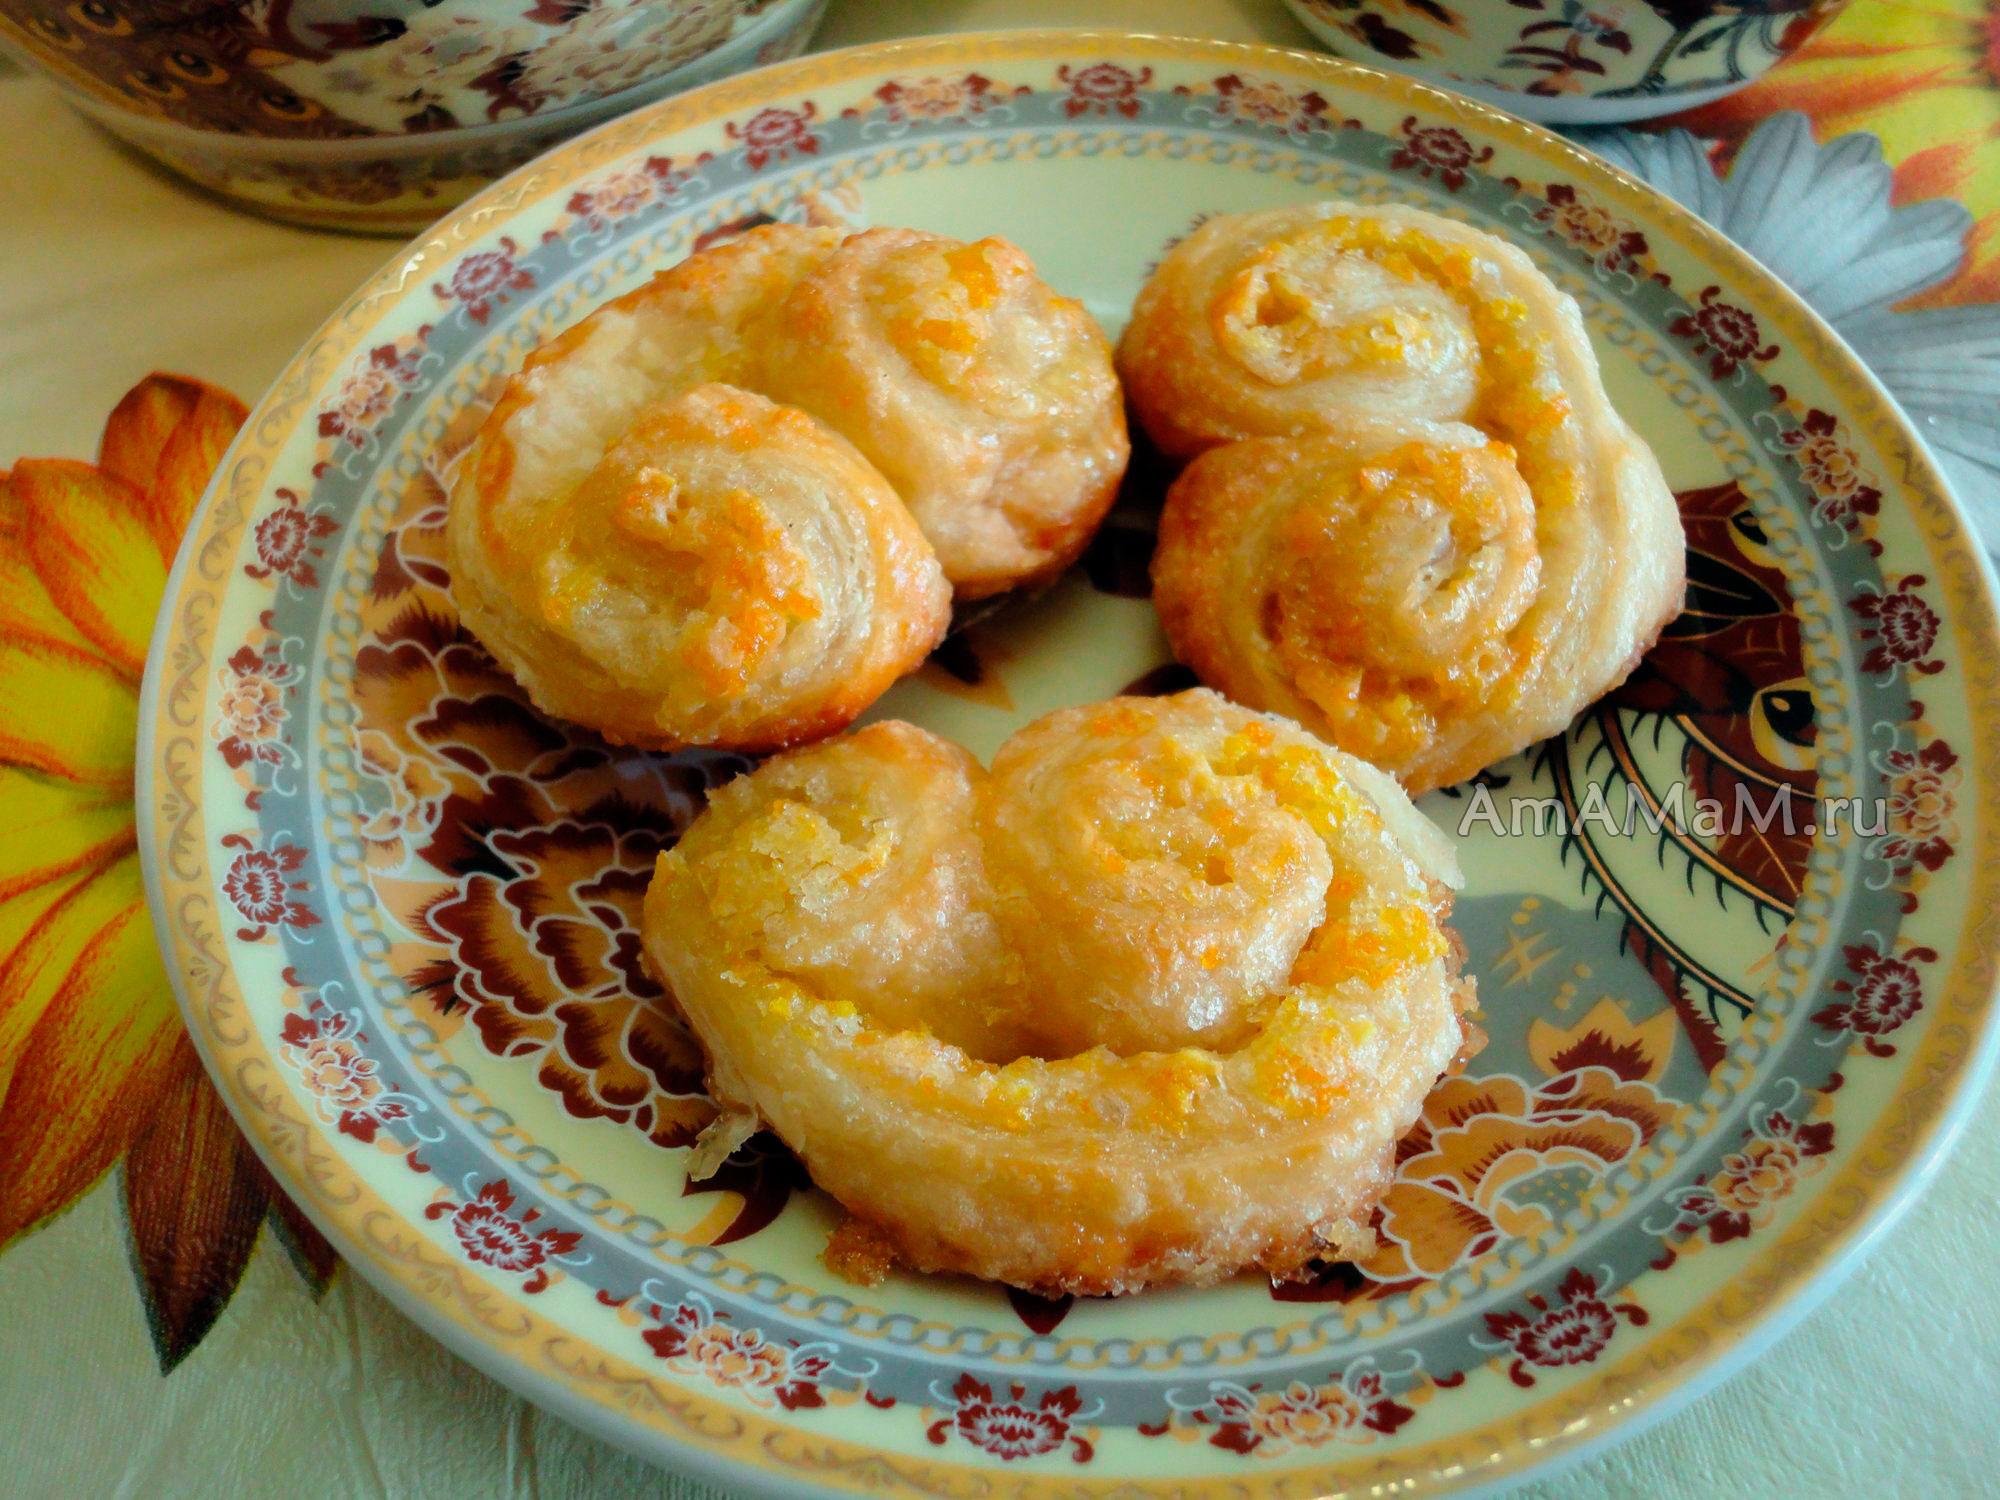 рецепты слоенного домашнего печенья